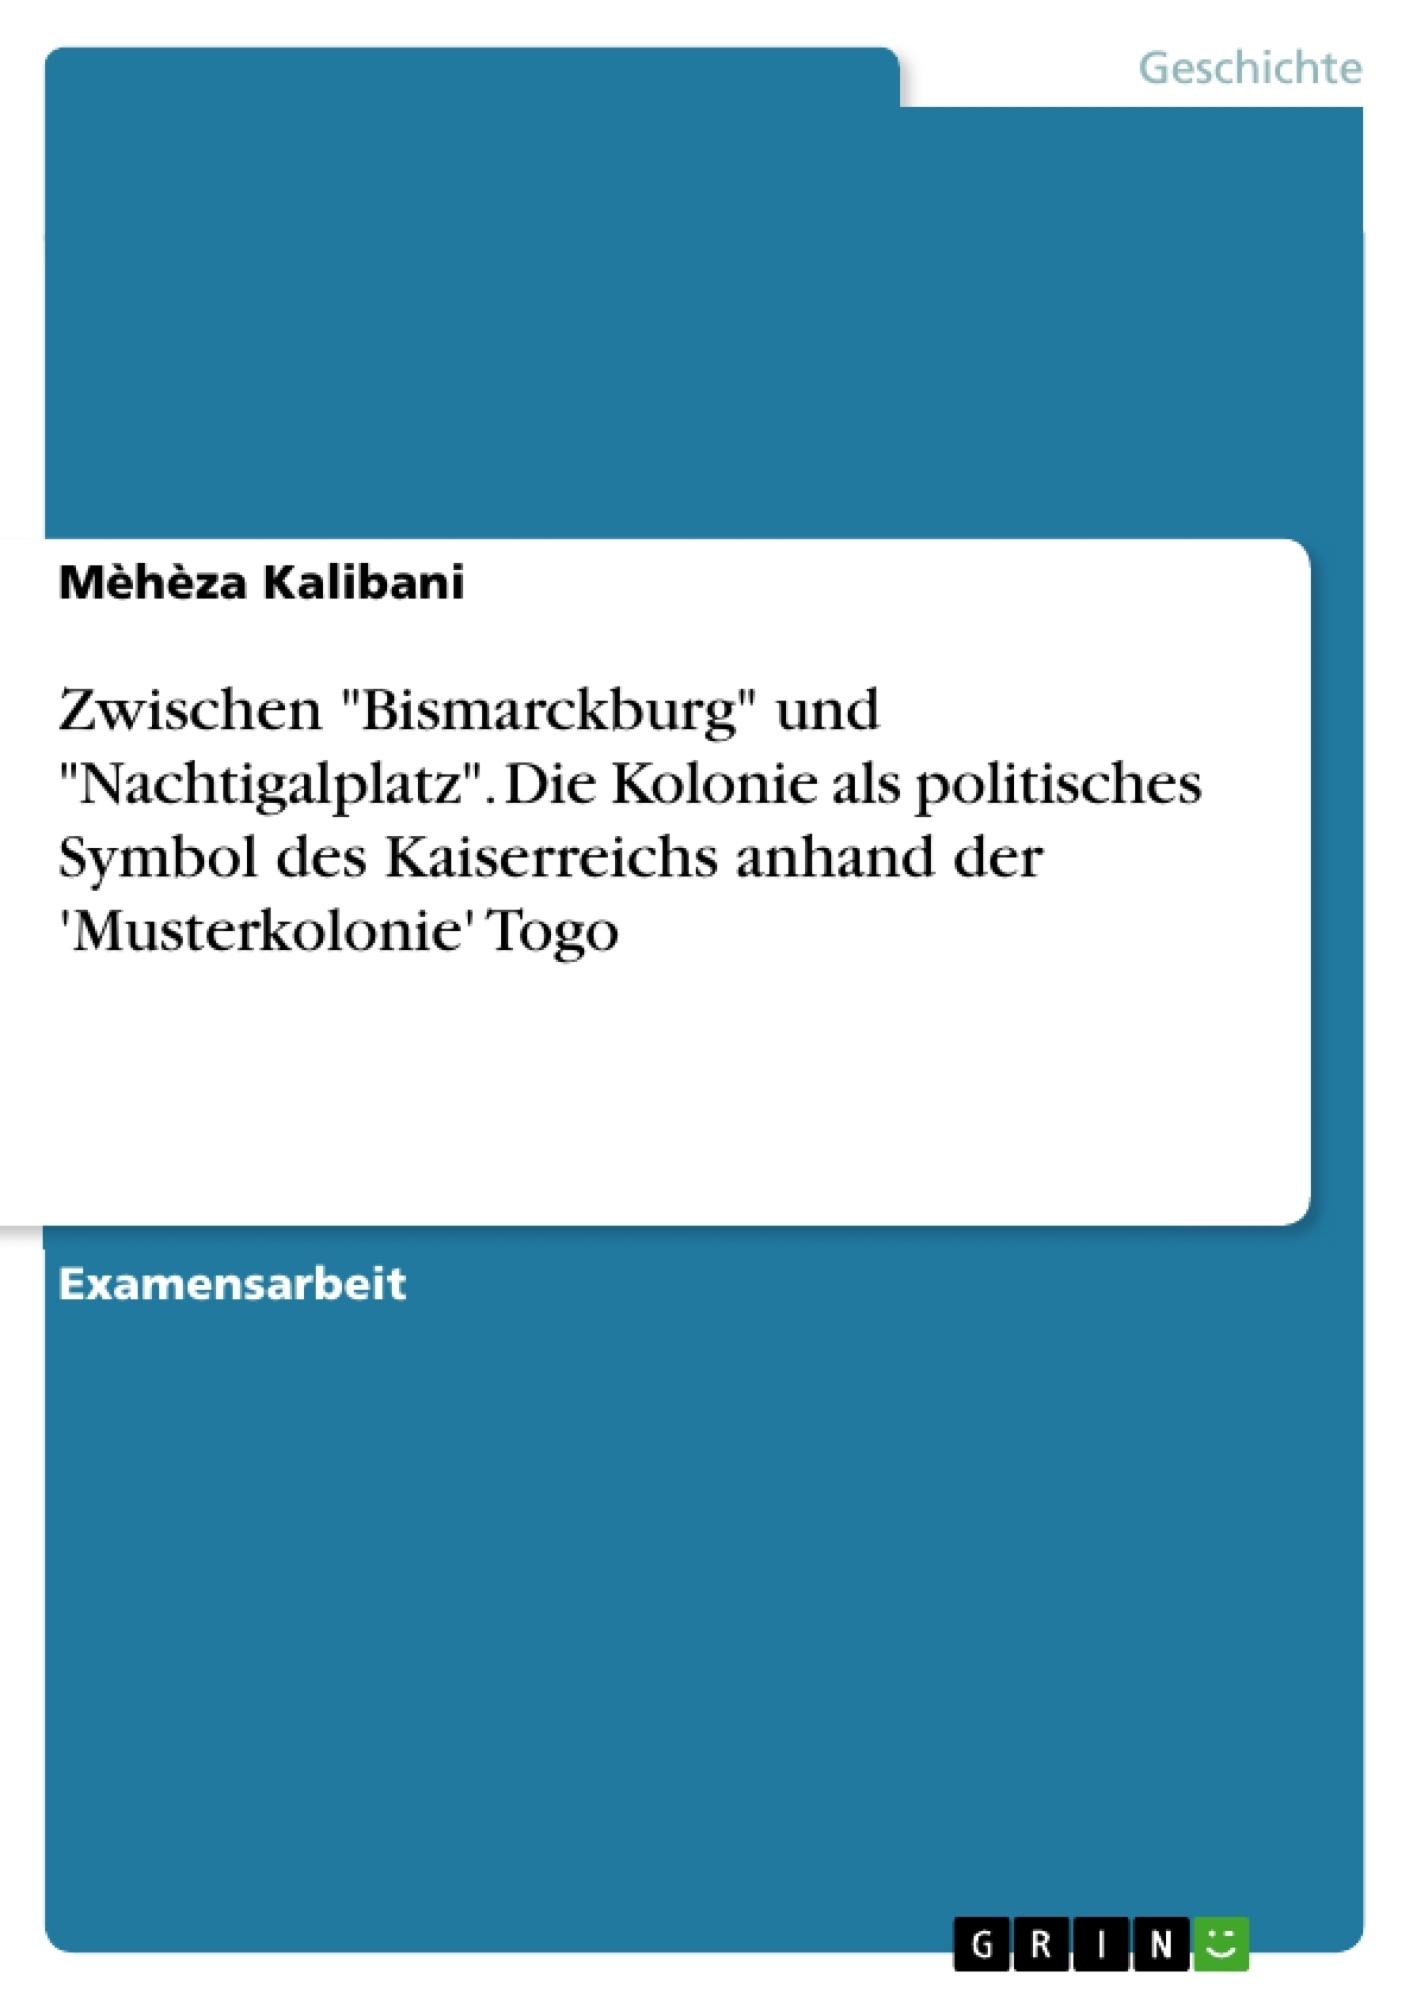 """Titel: Zwischen """"Bismarckburg"""" und """"Nachtigalplatz"""". Die Kolonie als politisches Symbol des Kaiserreichs anhand der 'Musterkolonie' Togo"""